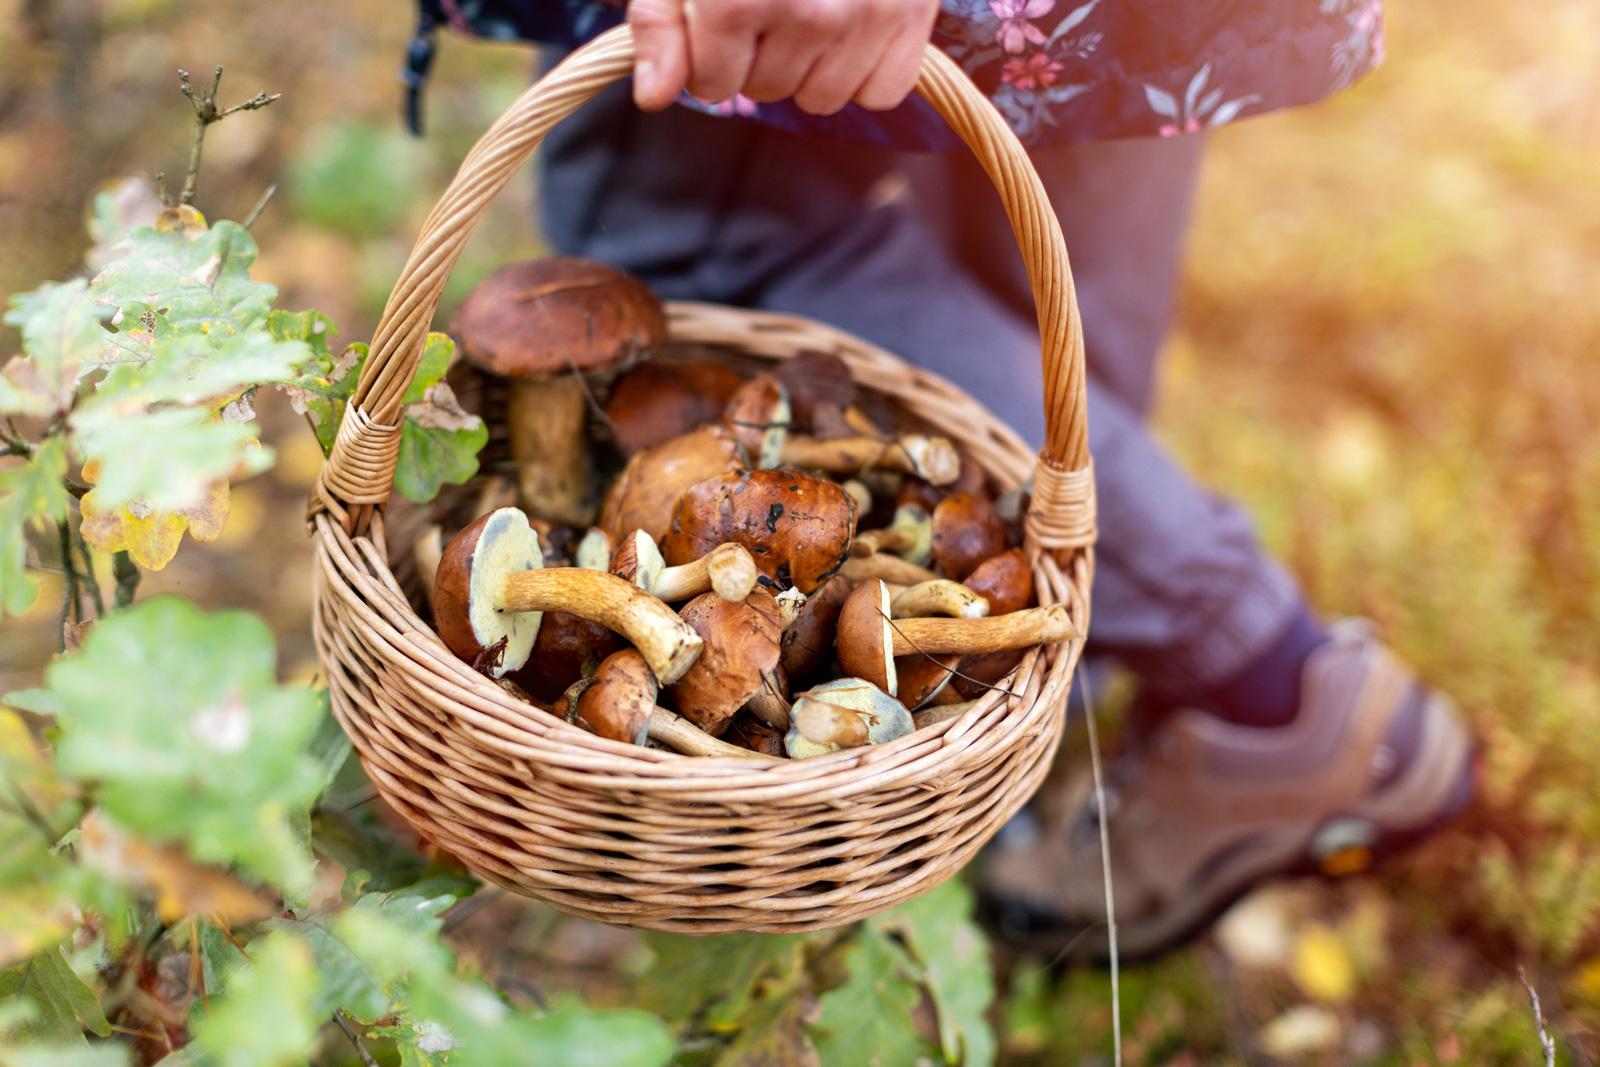 Pilze suchen: herausdrehen, nicht schneiden